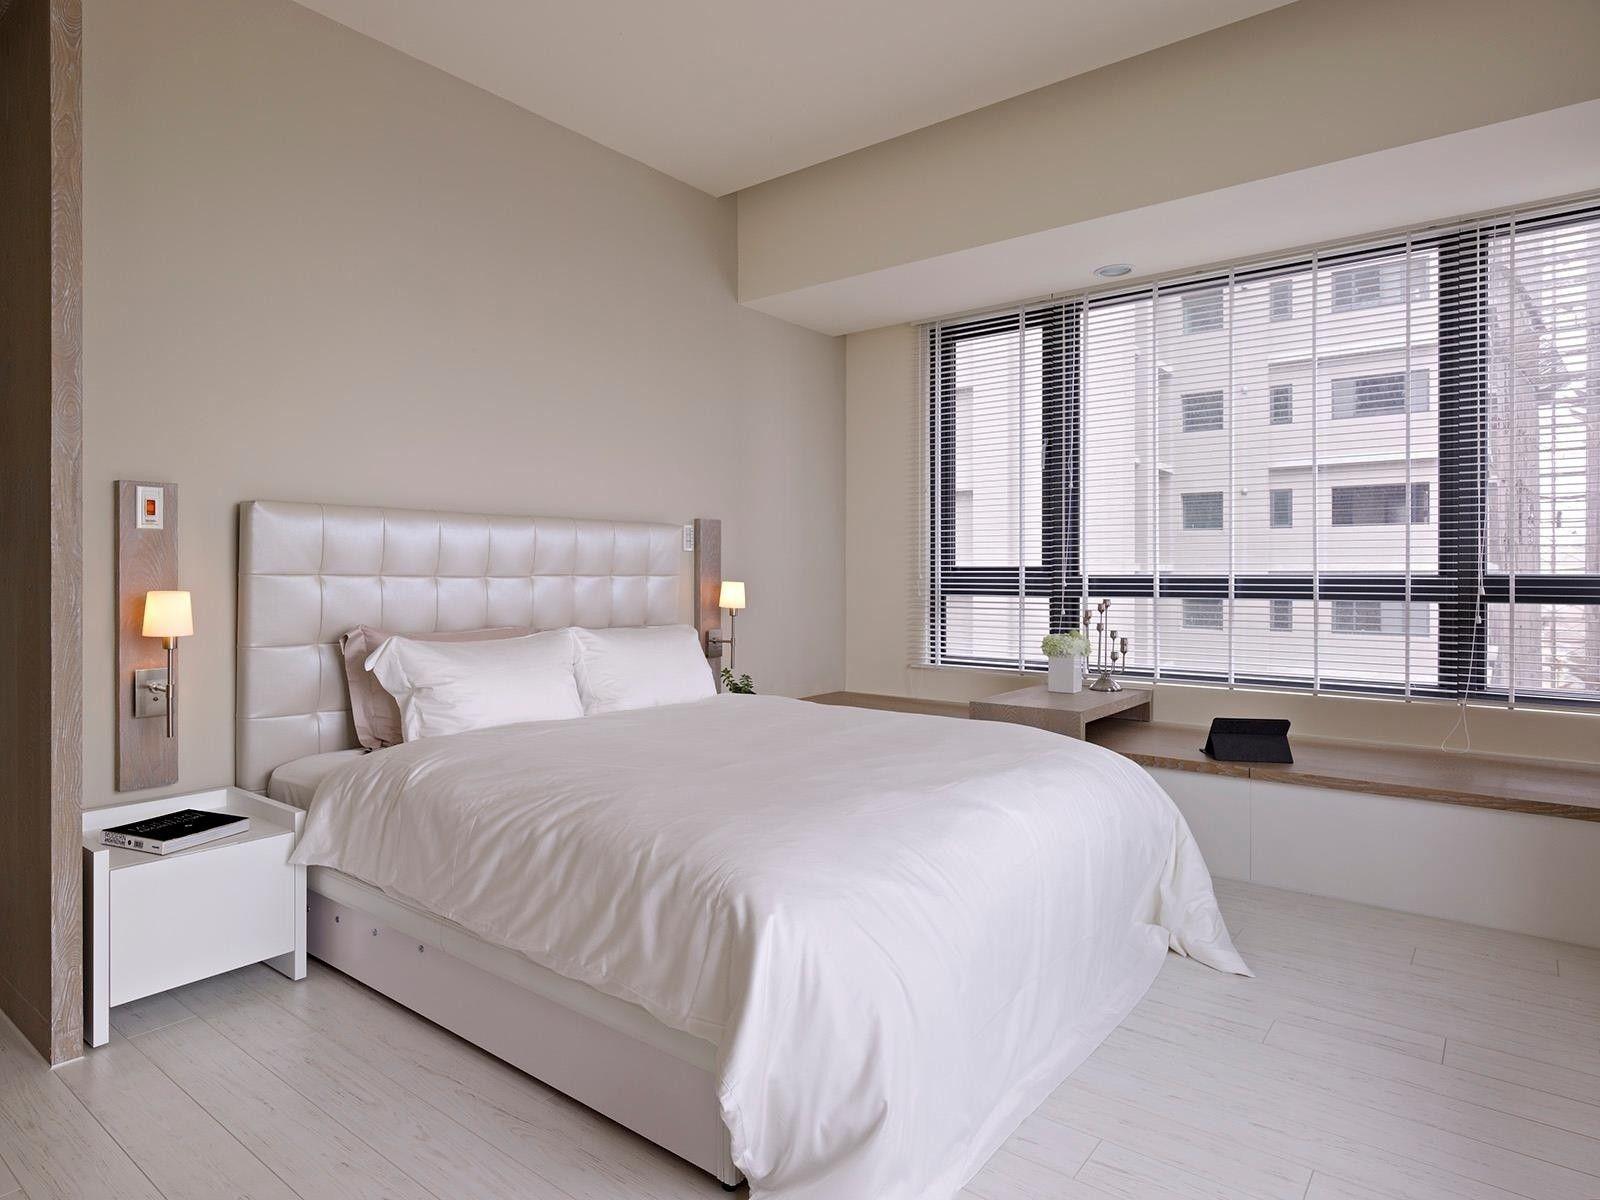 simplistic bedroom - google search | bedrooms | pinterest | bedrooms